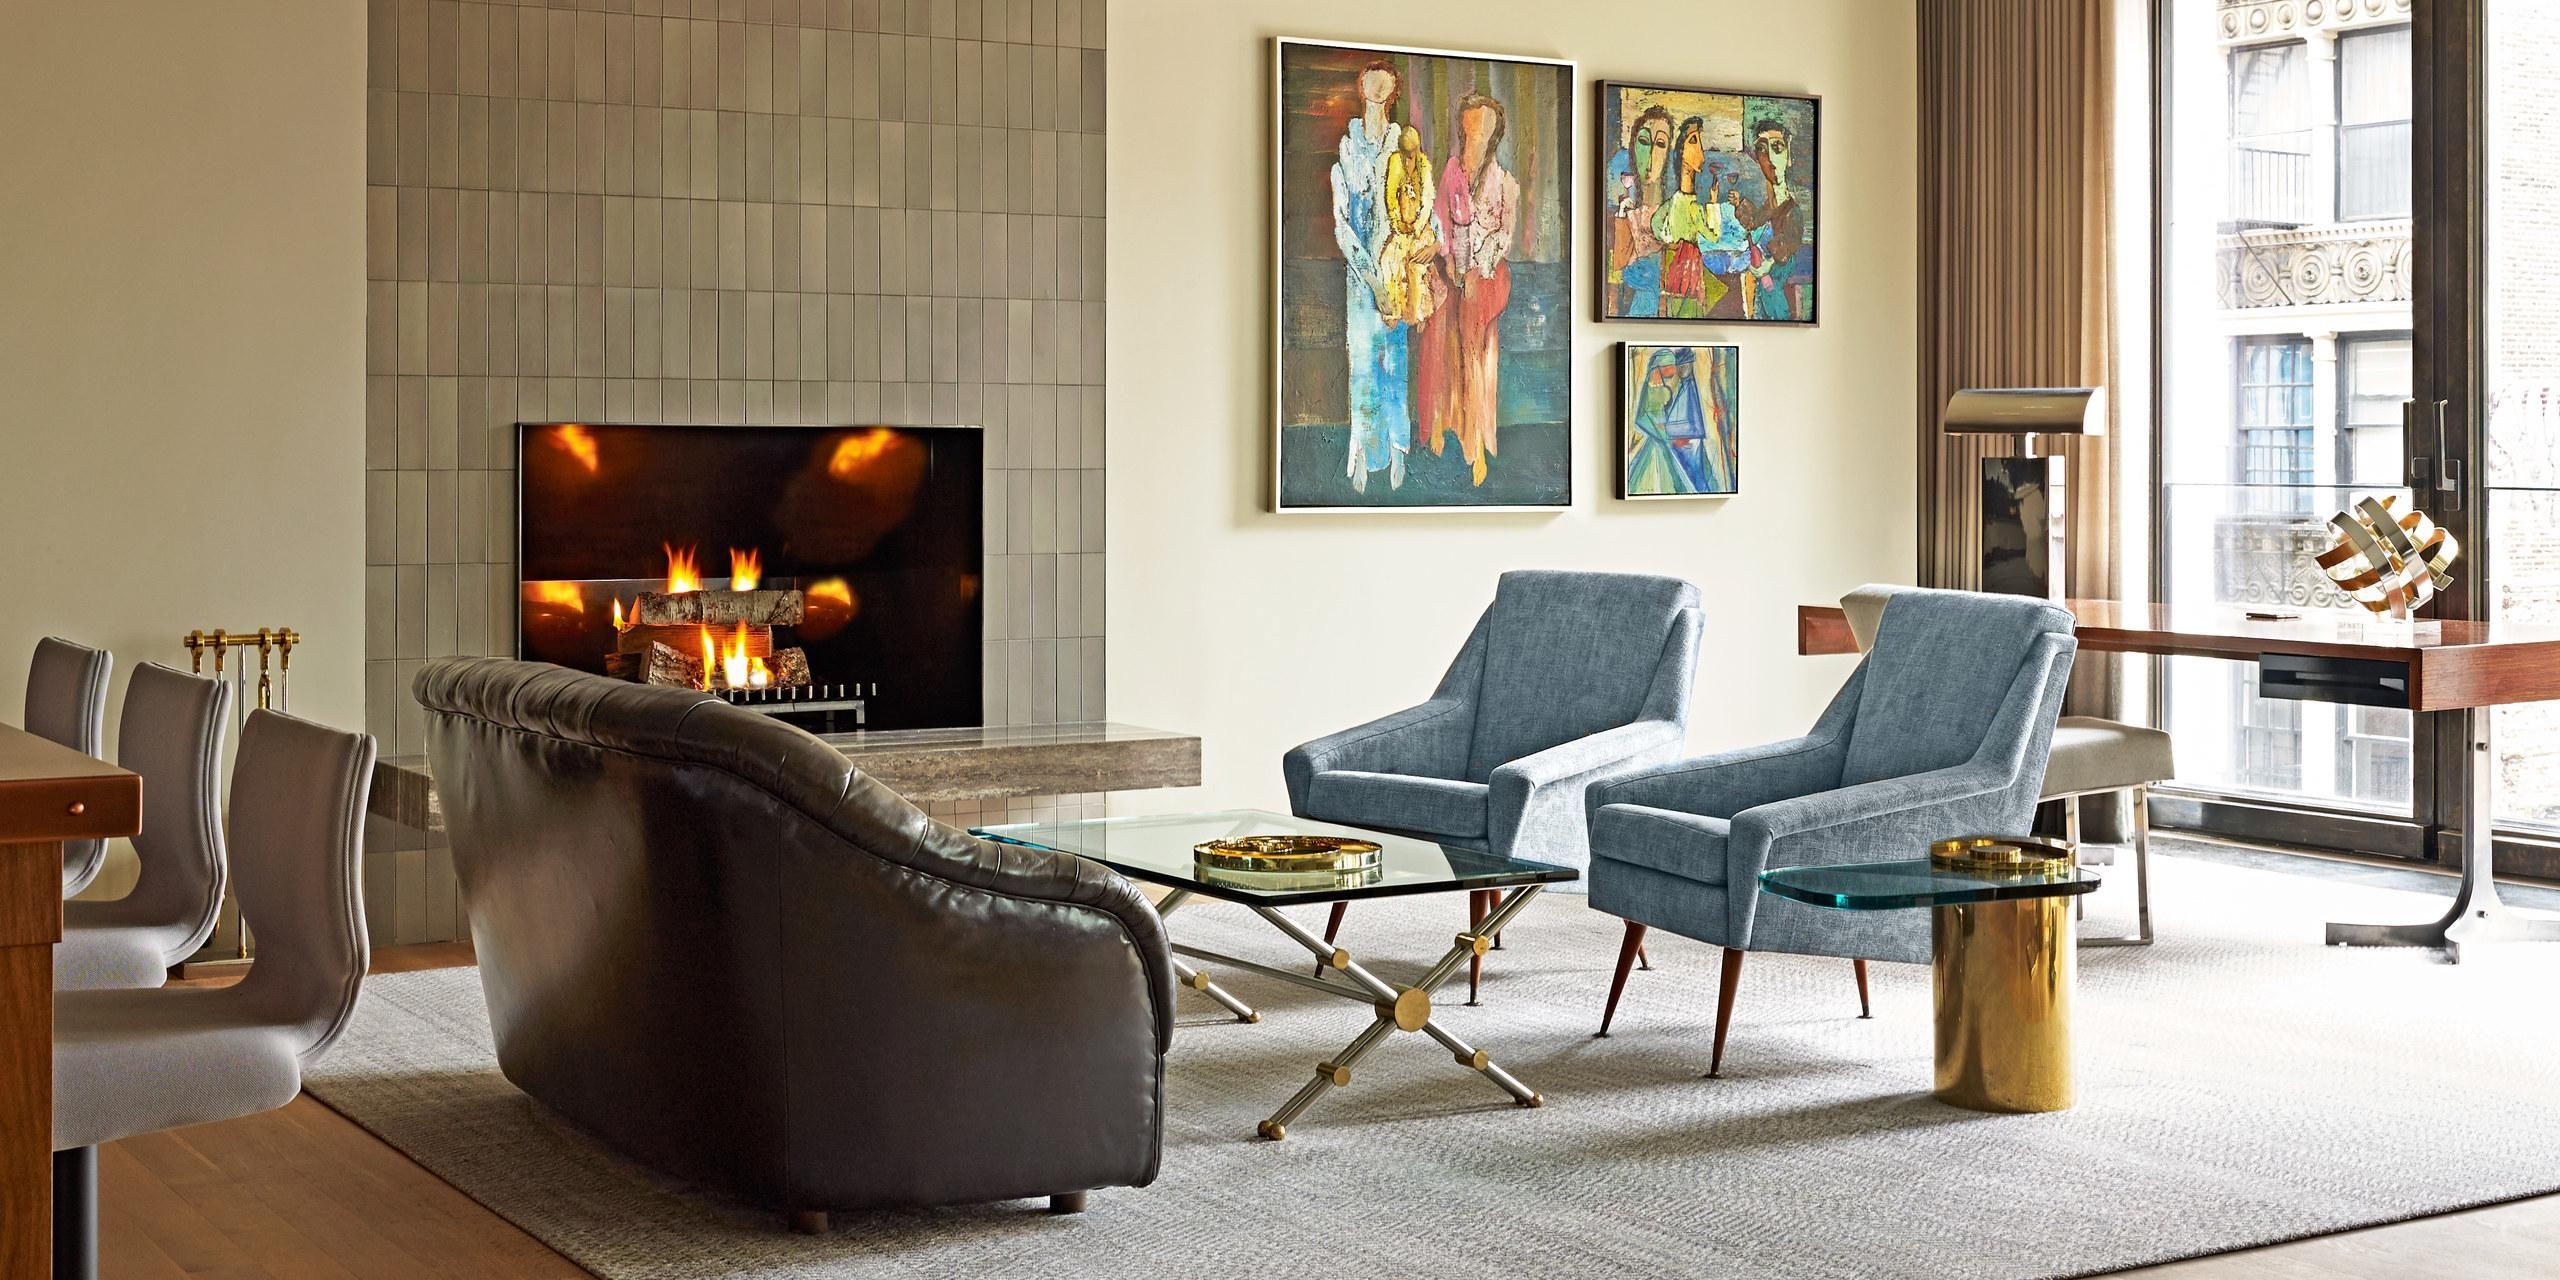 Elena Frampton New York City Home Tour | Vintage furniture ...